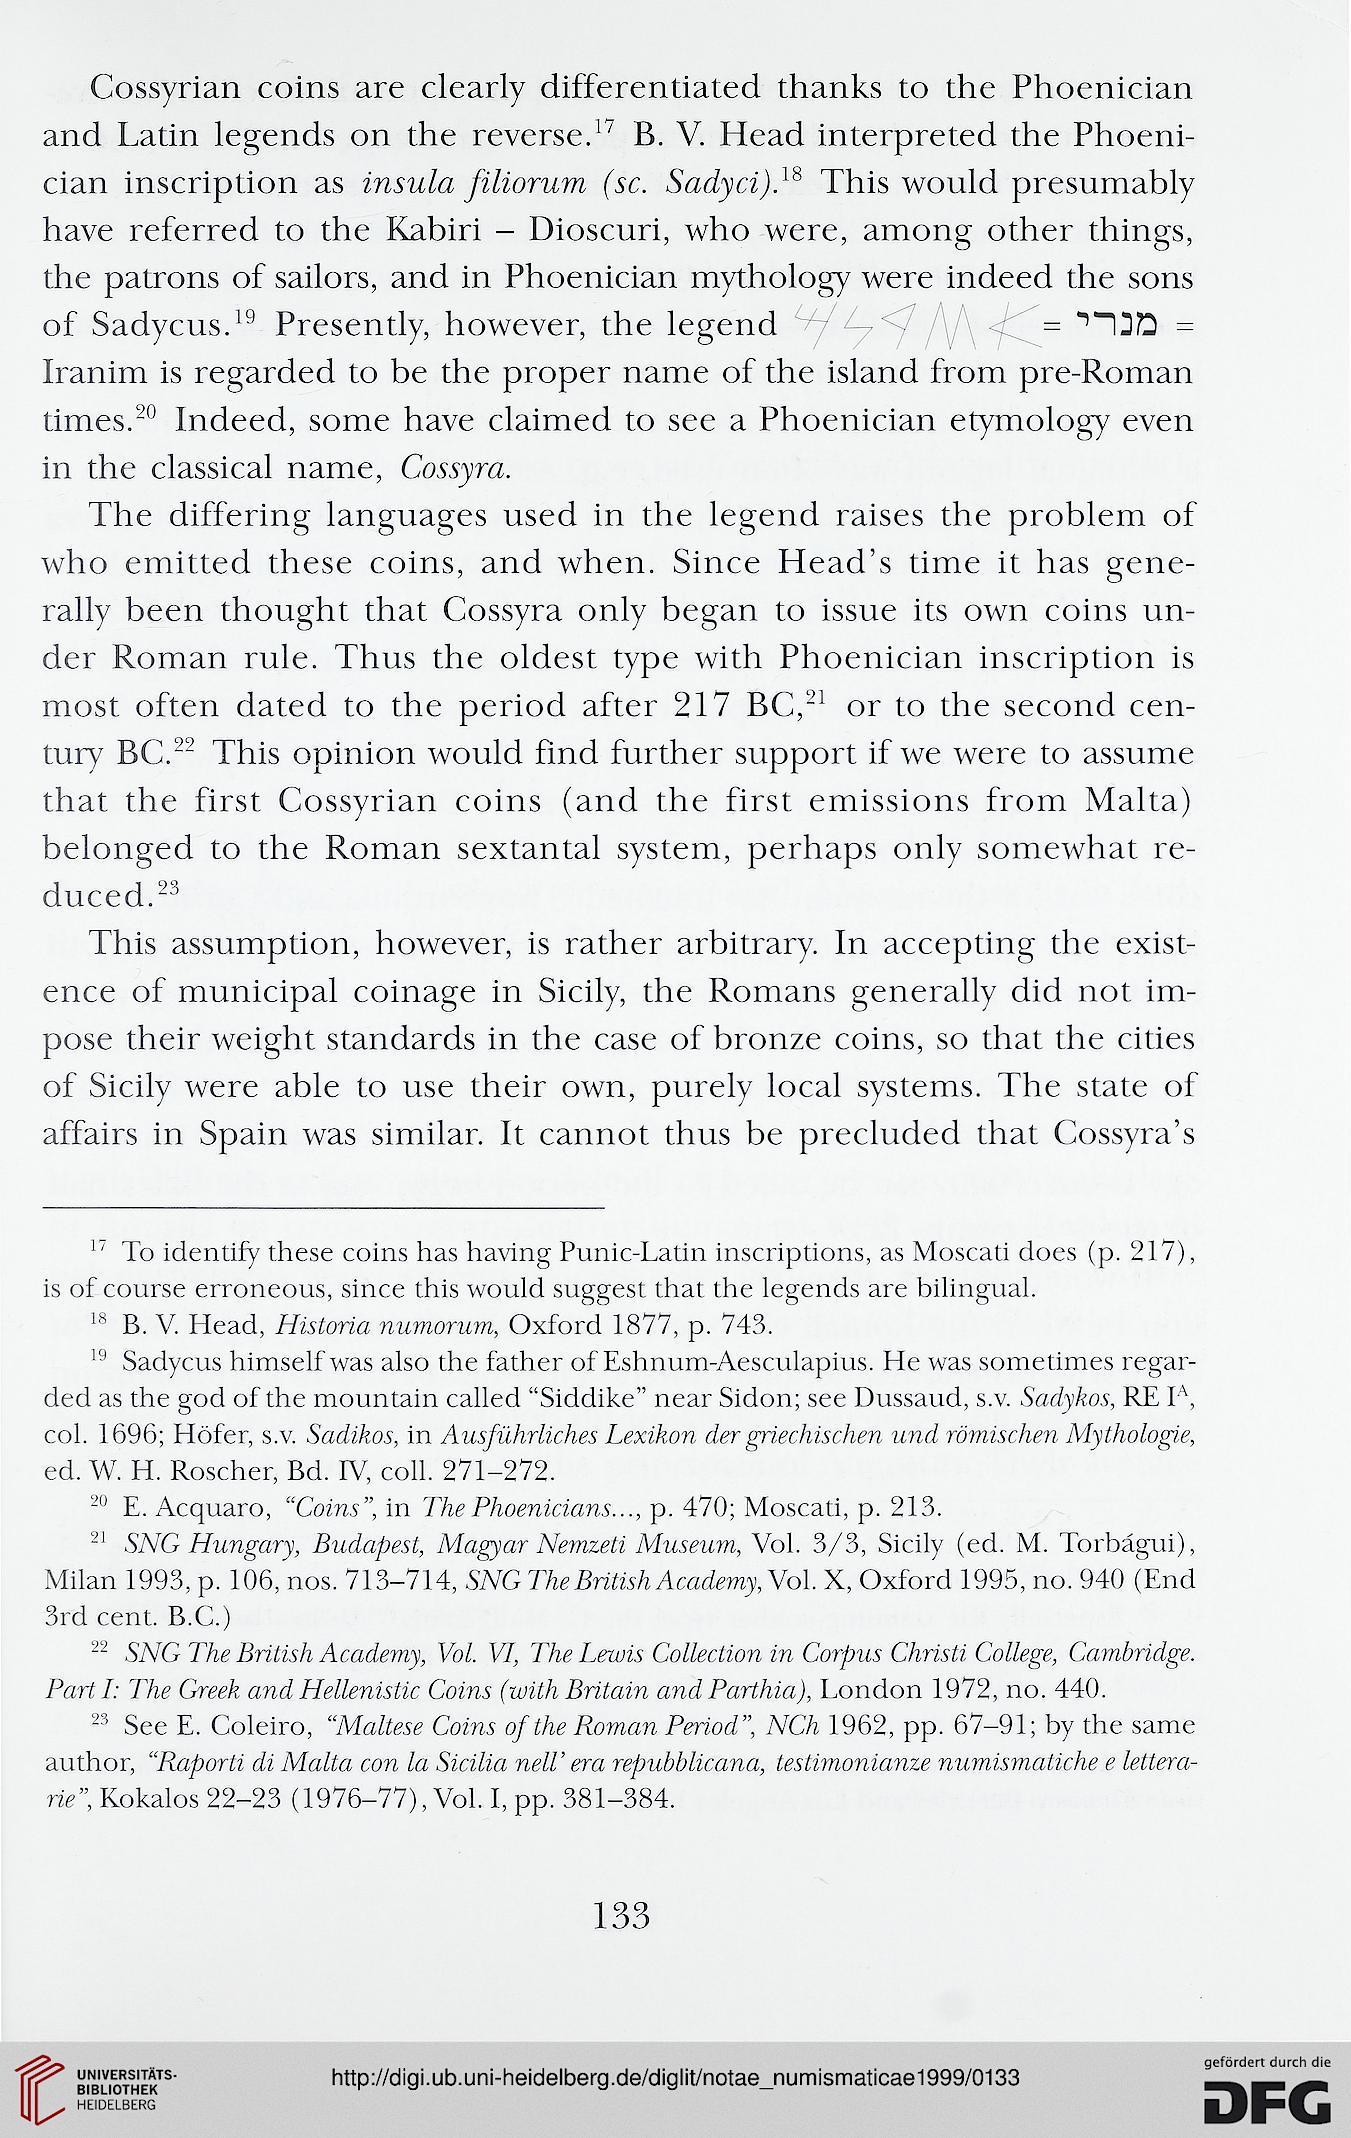 Notae Numismaticae - Zapiski Numizmatyczne (3-4 1999)